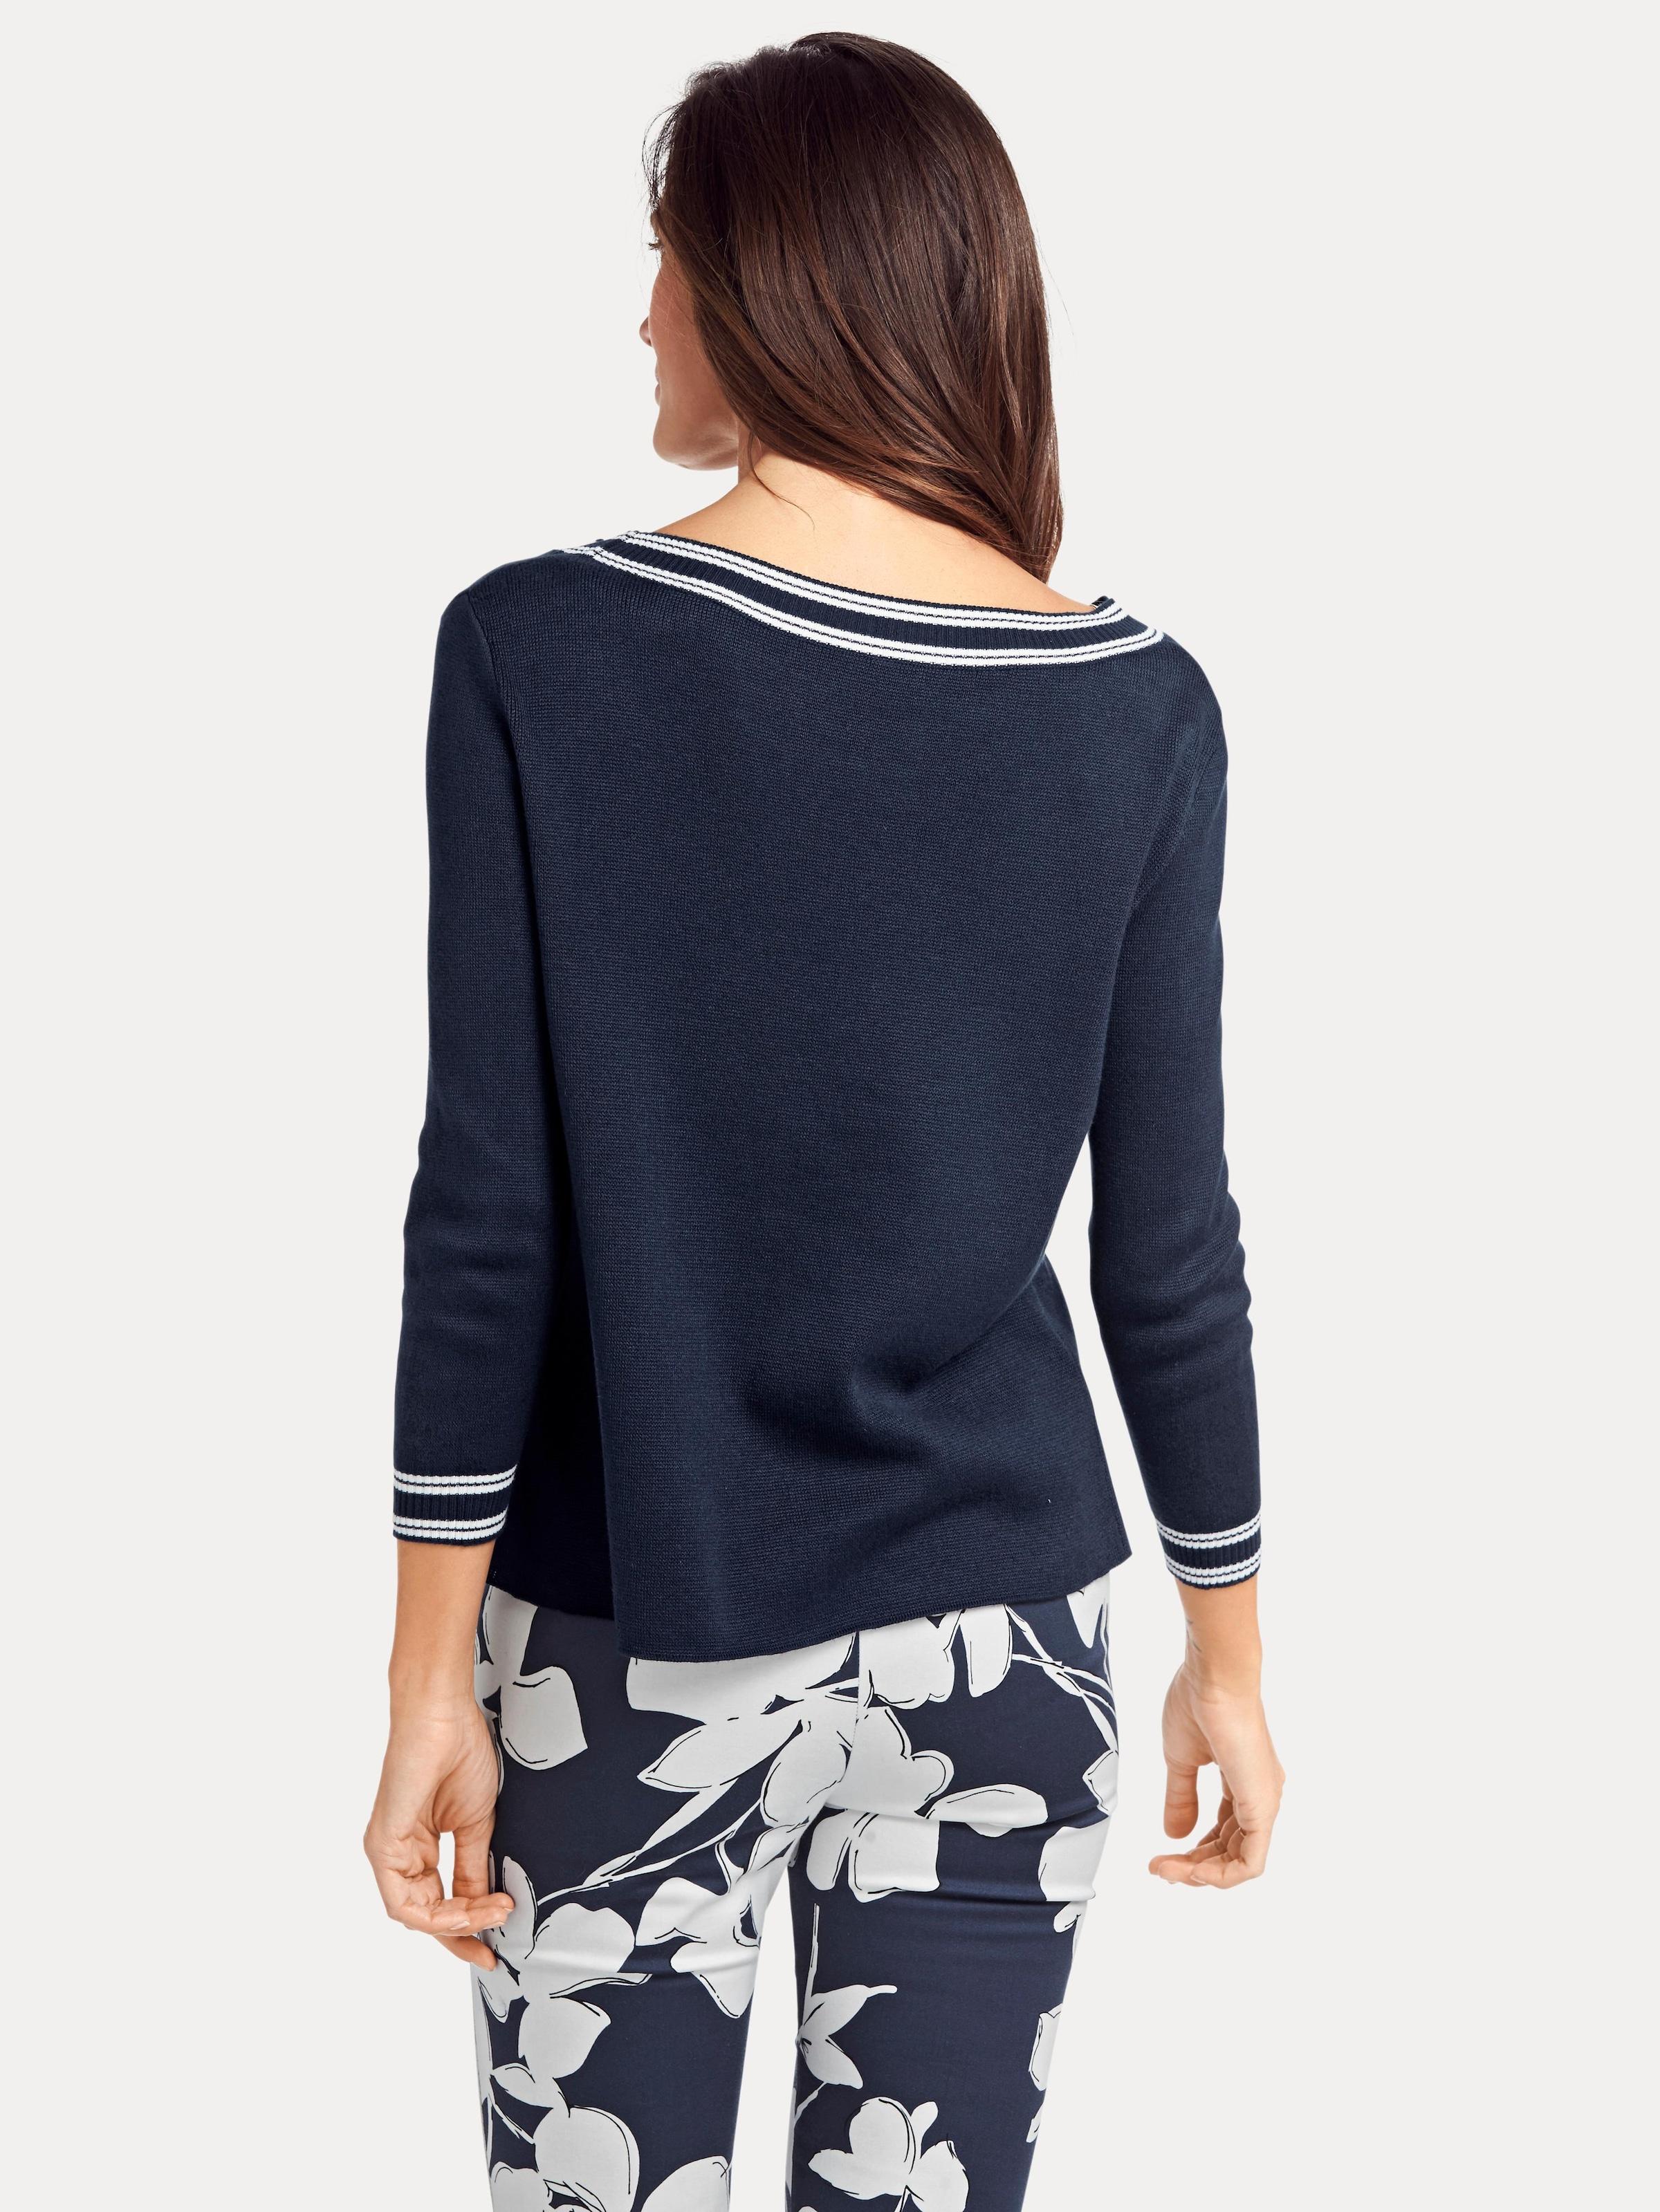 Patrizia Dini by heine Pullover mit Zierschleife Rabatt Neue Stile Online Kaufen Günstigsten Preis LEU7WuN1dc